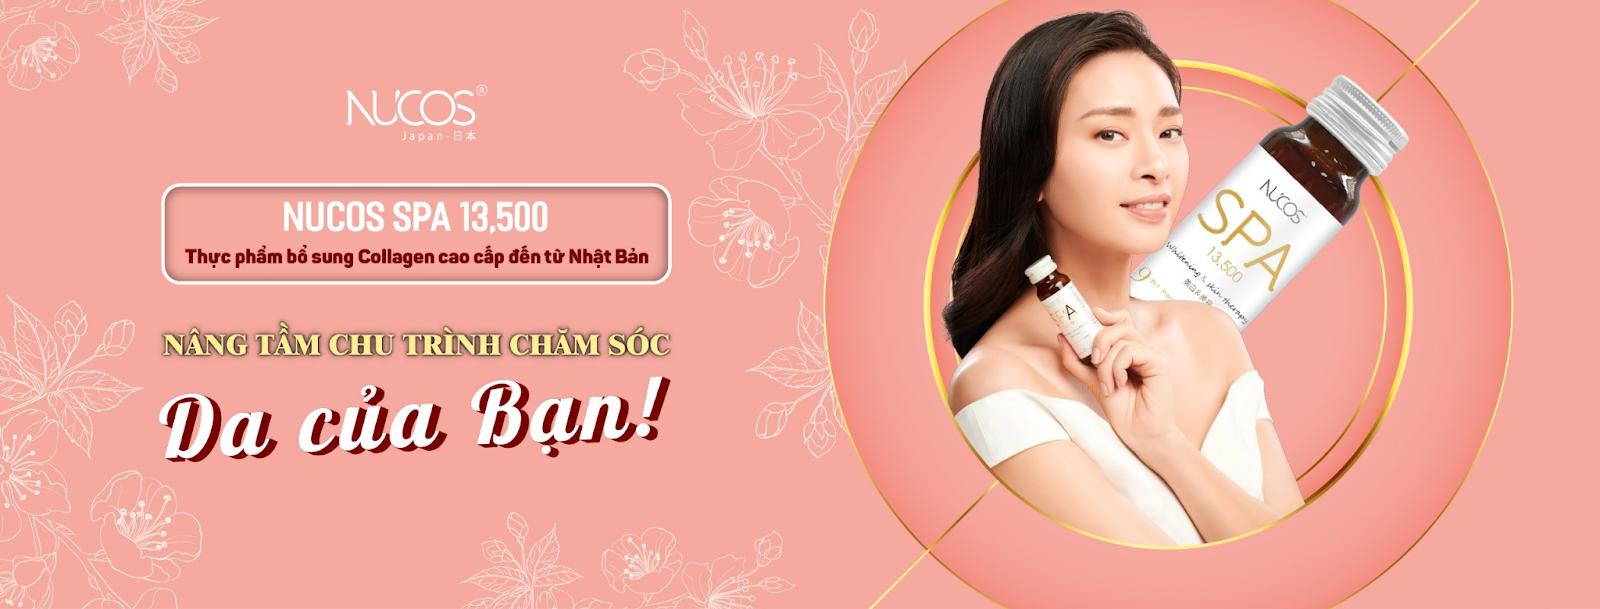 Collagen Nucos chính hãng đang được bán tại collagenvietnam.vn